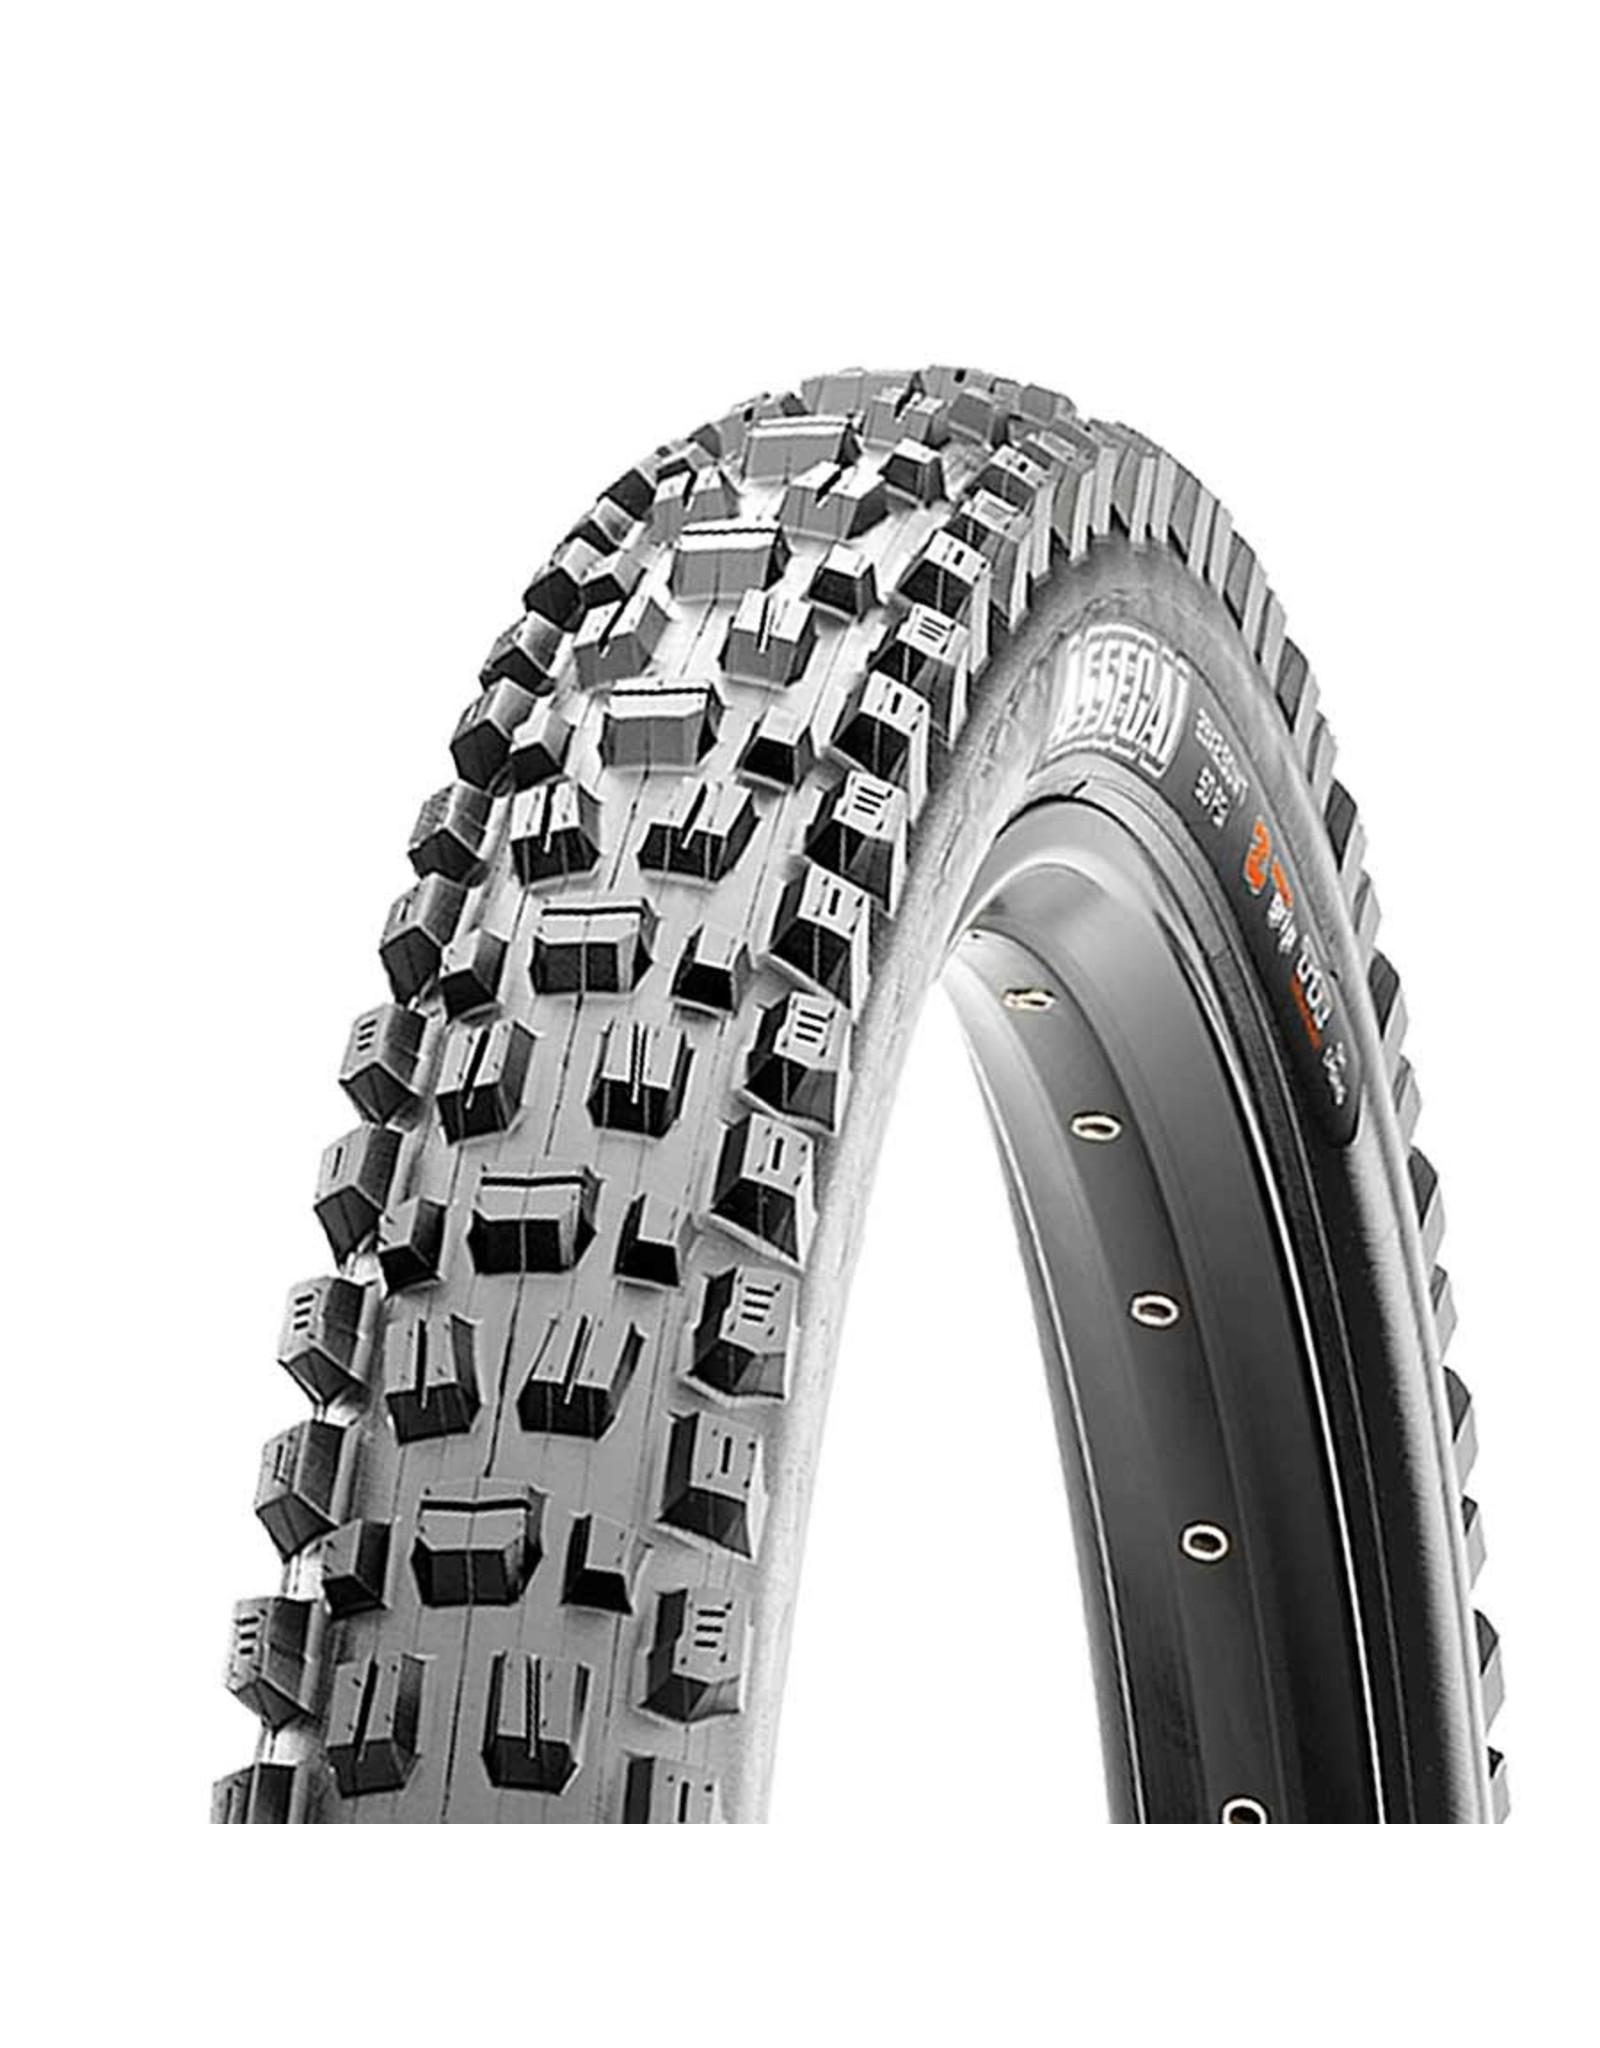 Maxxis, Assegai, Tire, 29''x2.50, Folding, Tubeless Ready, 3C Maxx Grip, 2-ply, Wide Trail, 60TPI, Black